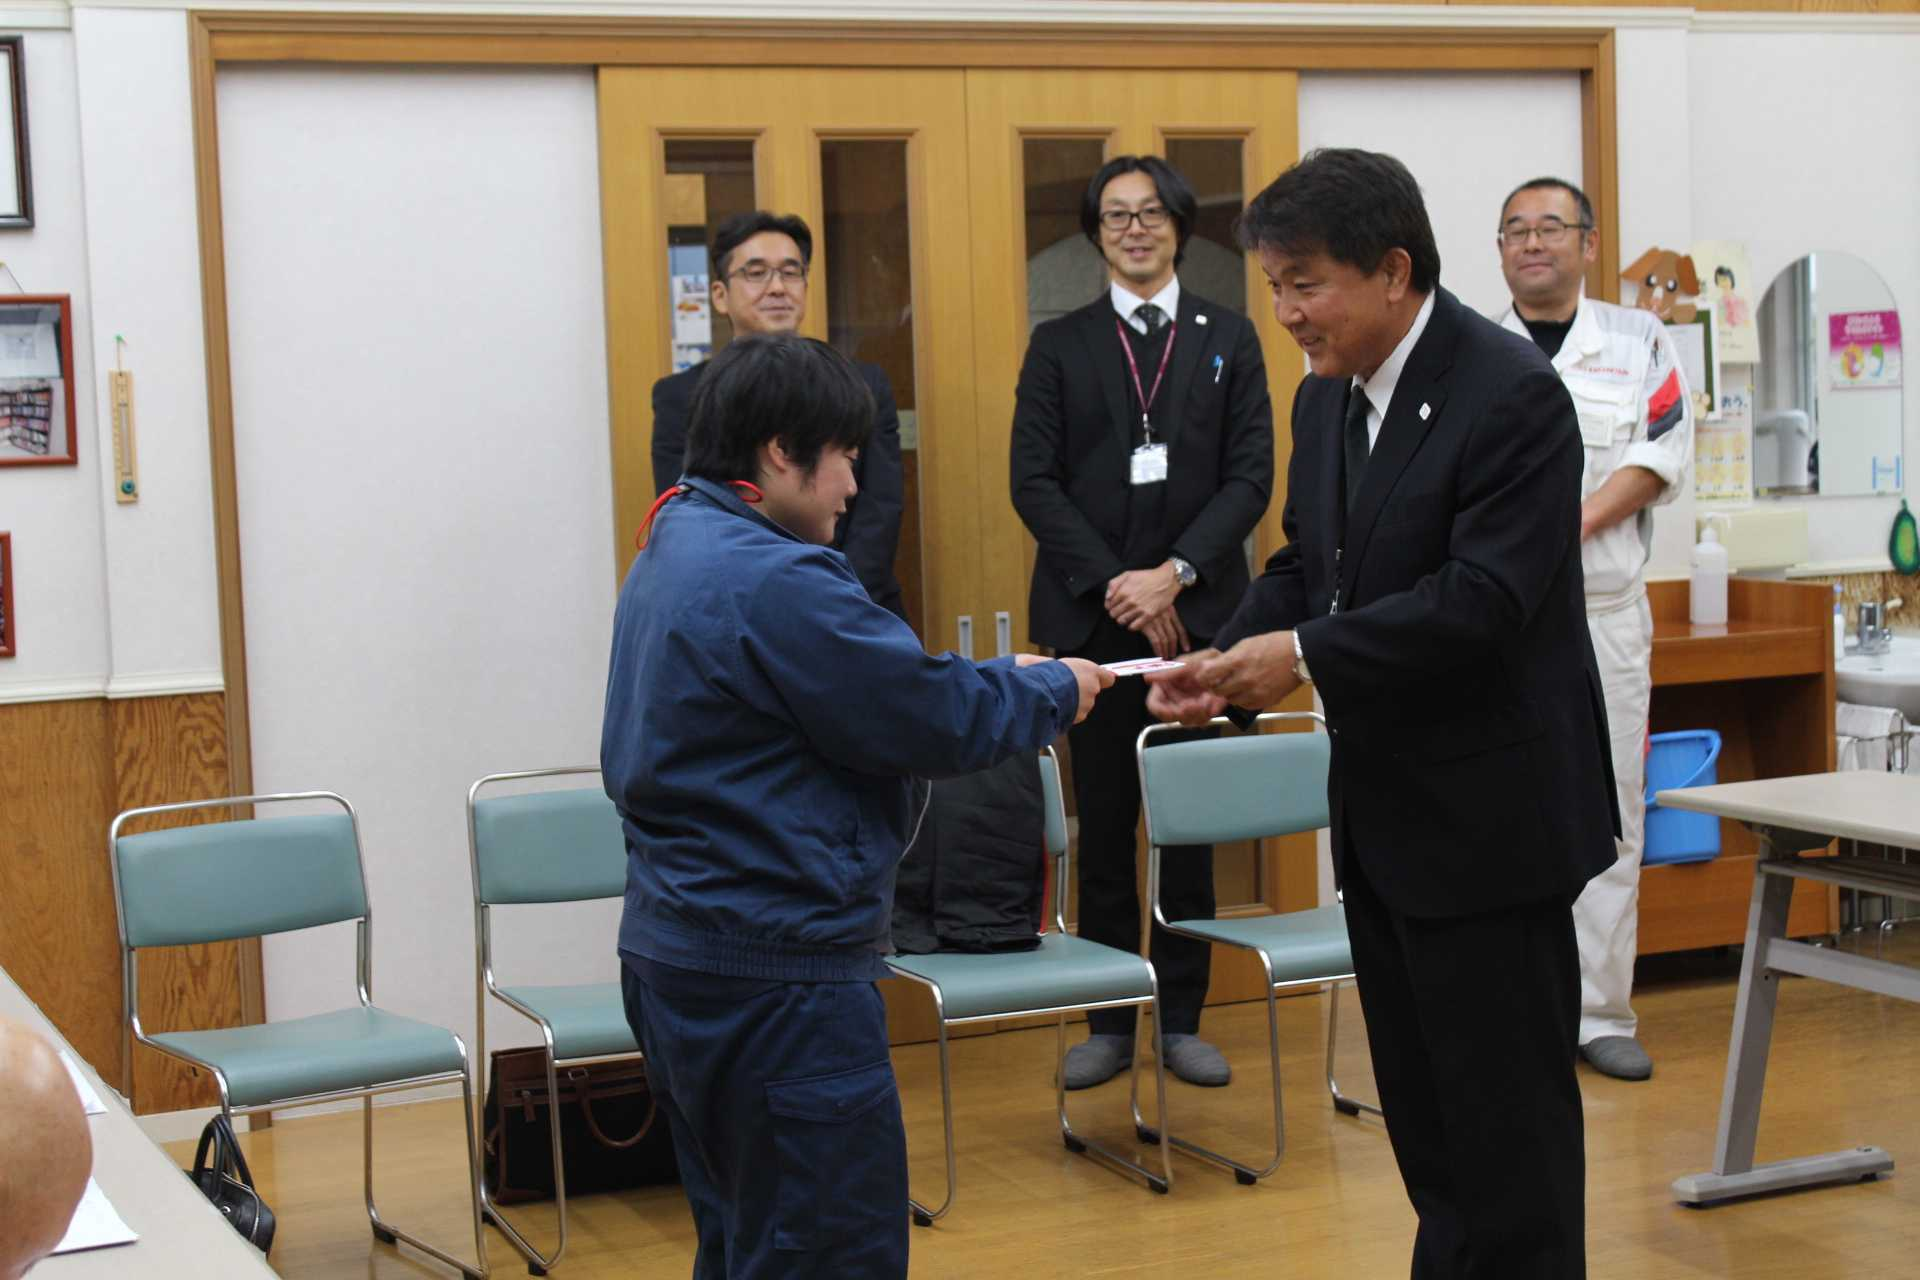 ホンダカーズ神奈川南様 チャリティ募金贈呈式